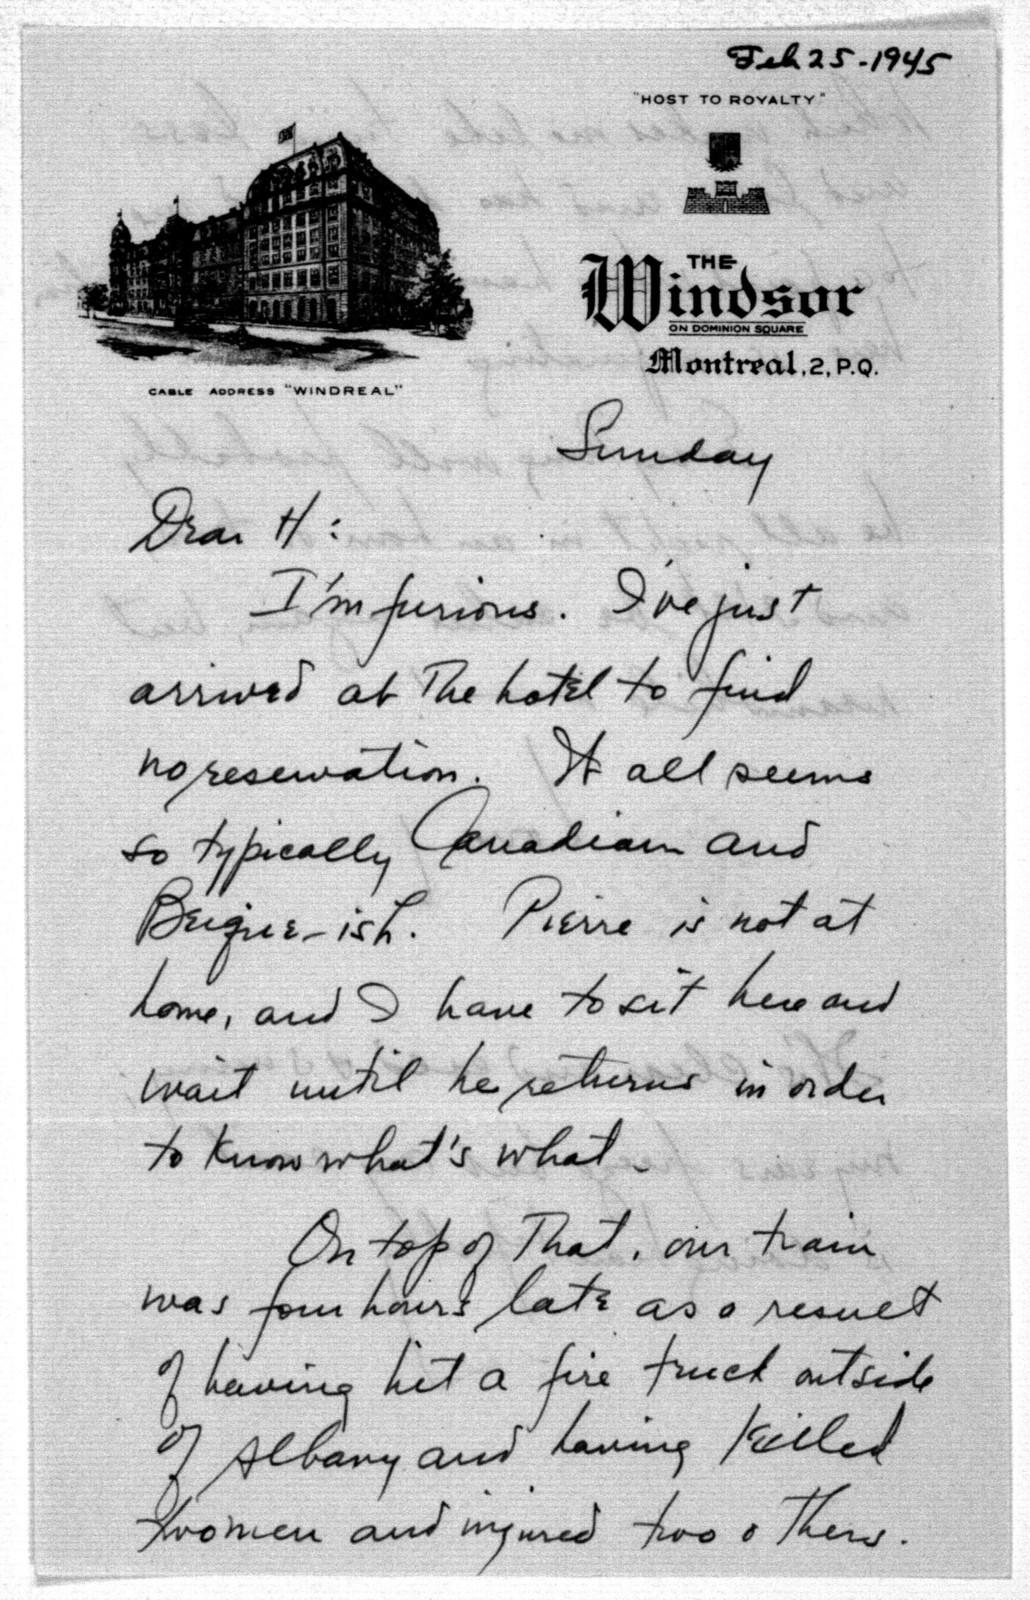 Letter from Leonard Bernstein to Helen Coates, February 25, 1945